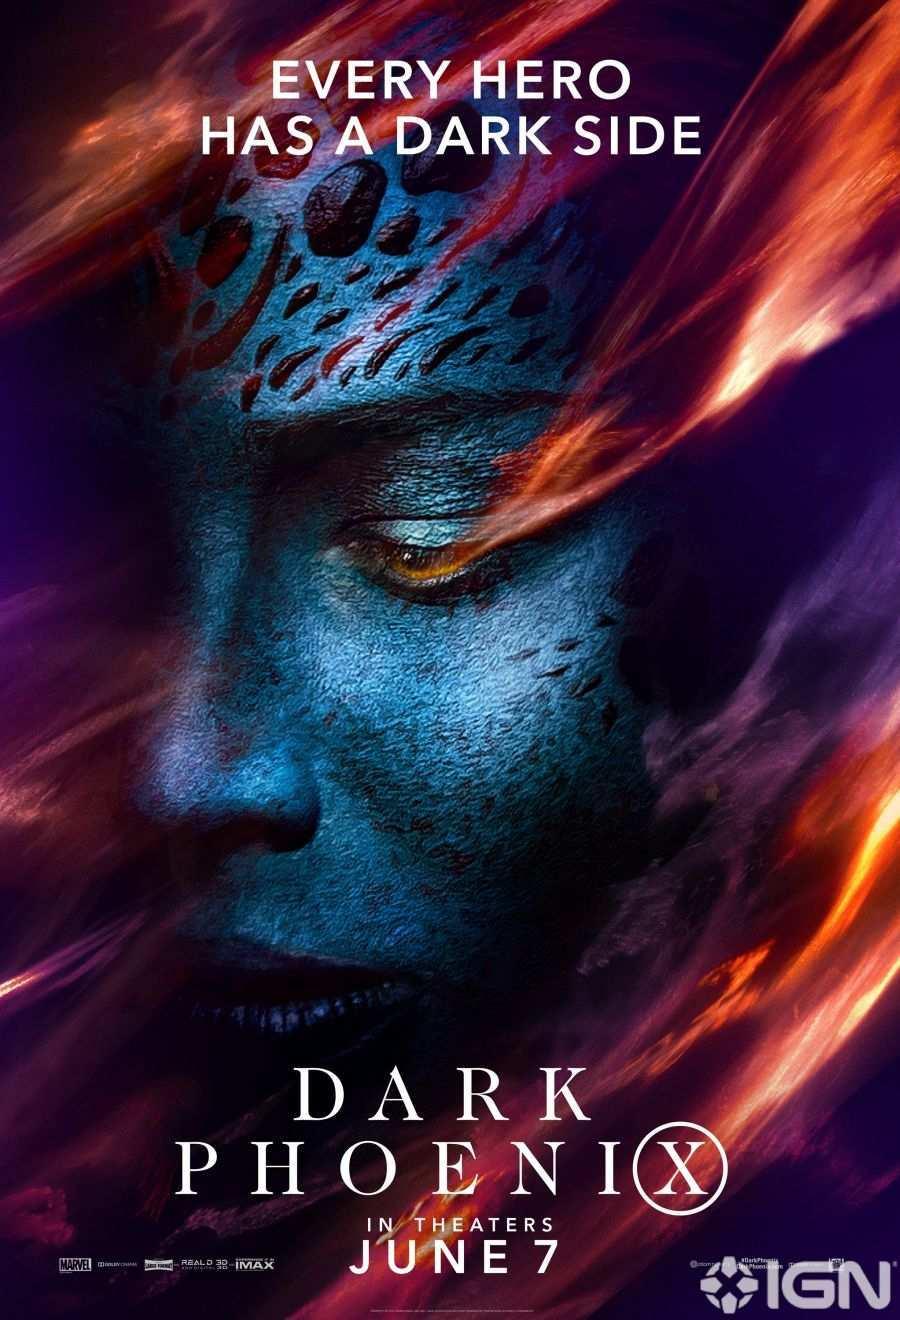 X-Men Dark Phoenix Movie Poster 06